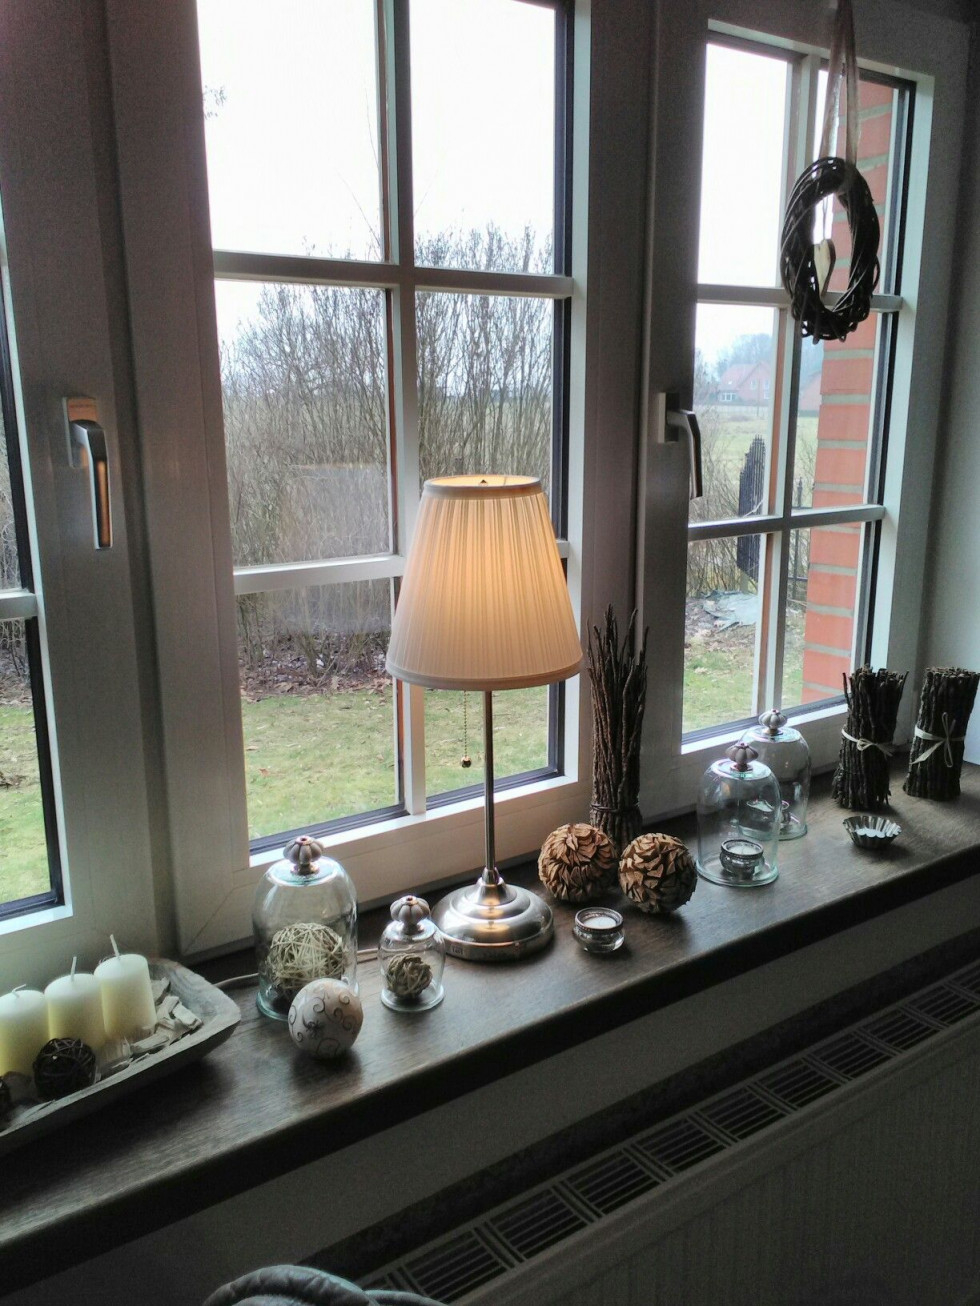 Fensterbank  Fenster Dekorieren Dekoration Wohnzimmer von Deko Für Fensterbank Wohnzimmer Photo